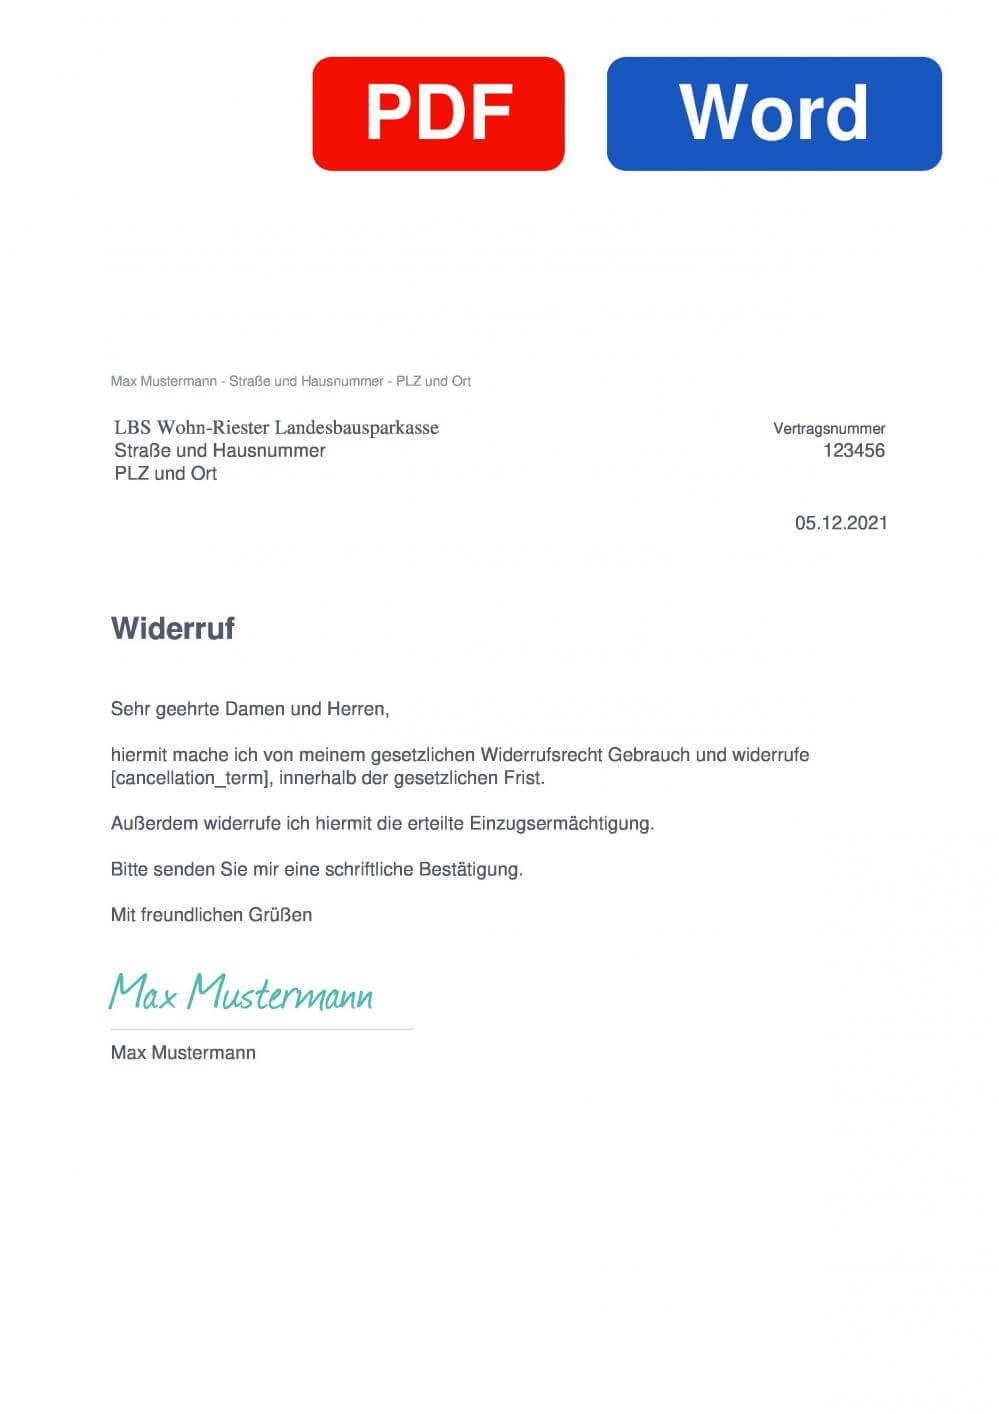 LBS Wohn-Riester Landesbausparkasse  Muster Vorlage für Wiederrufsschreiben